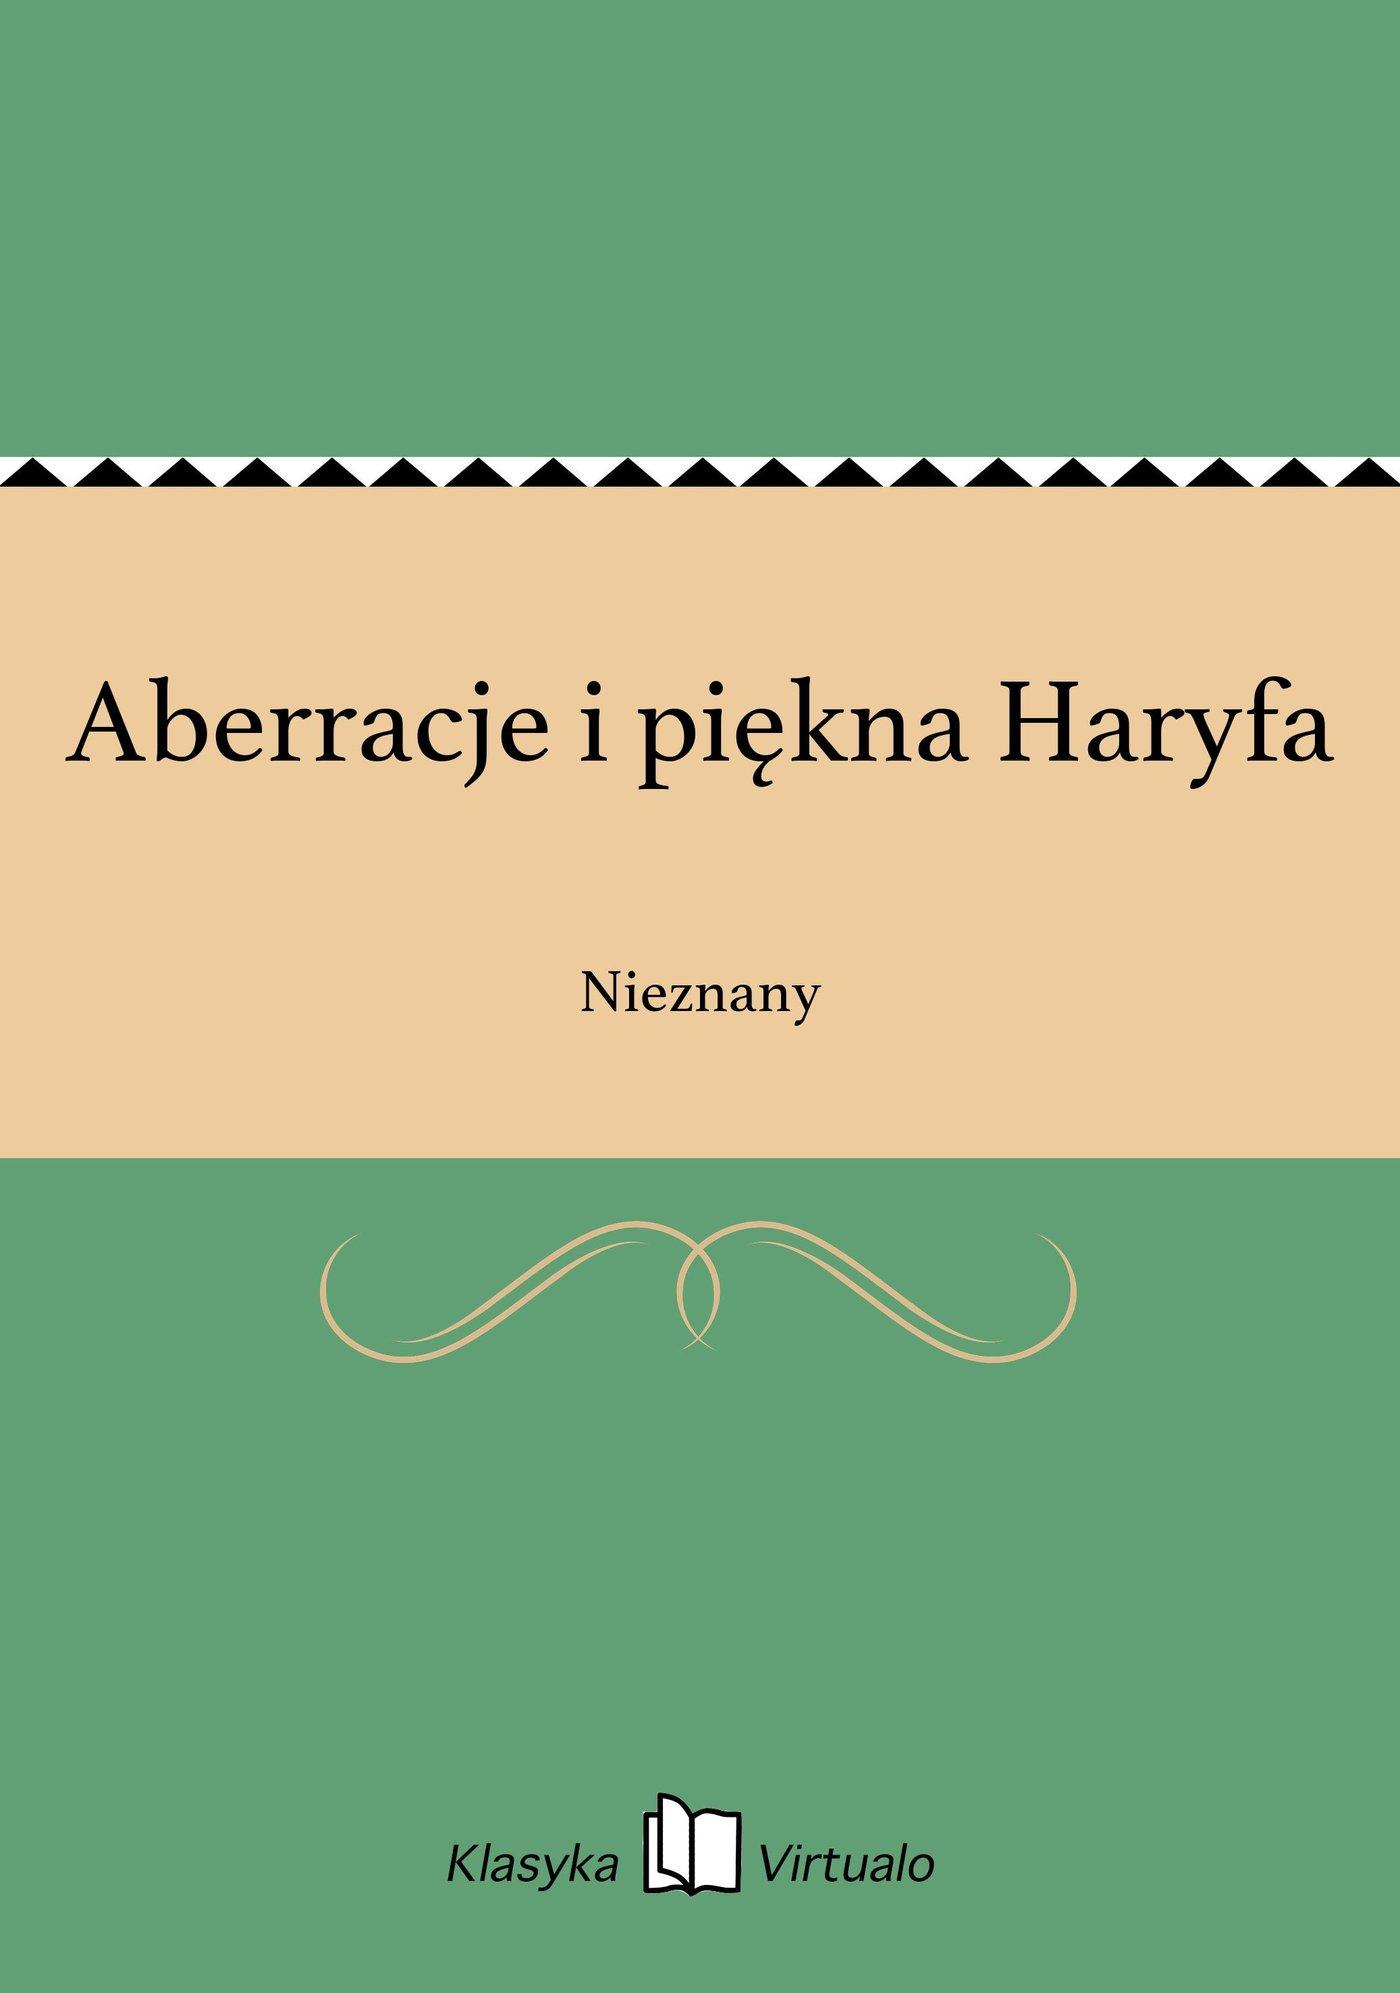 Aberracje i piękna Haryfa - Ebook (Książka EPUB) do pobrania w formacie EPUB